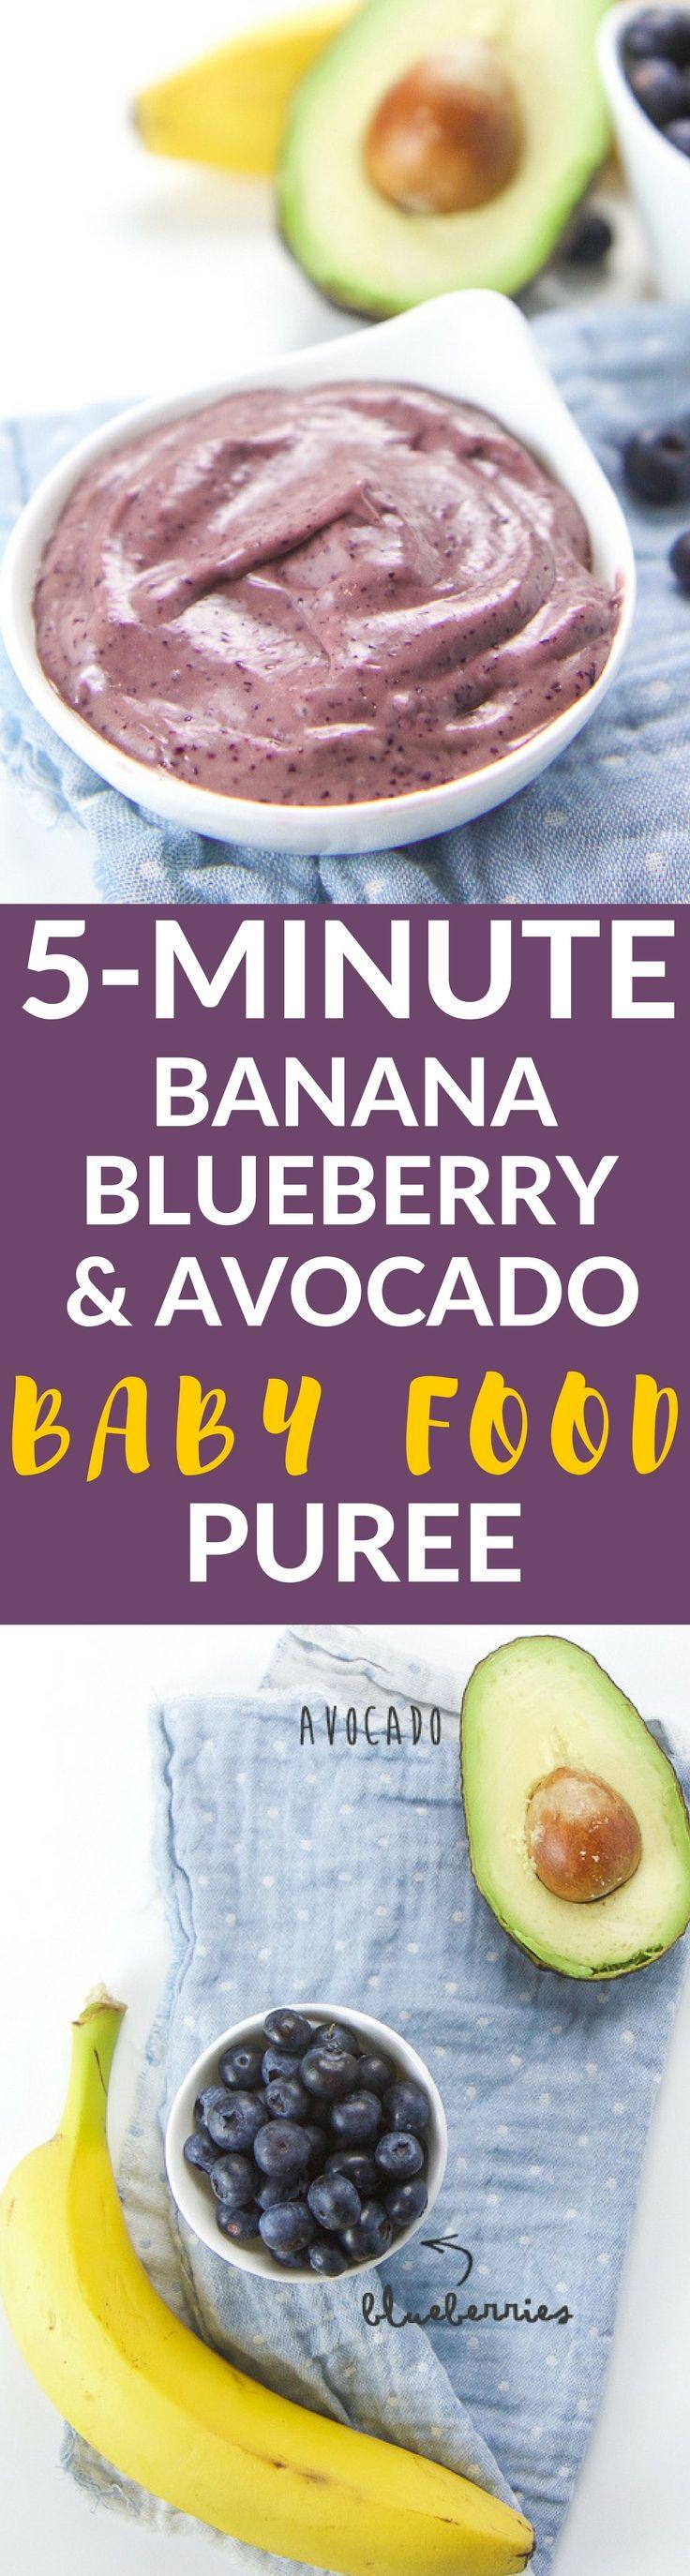 5Minute Banana, Blueberry + Avocado Baby Food Puree